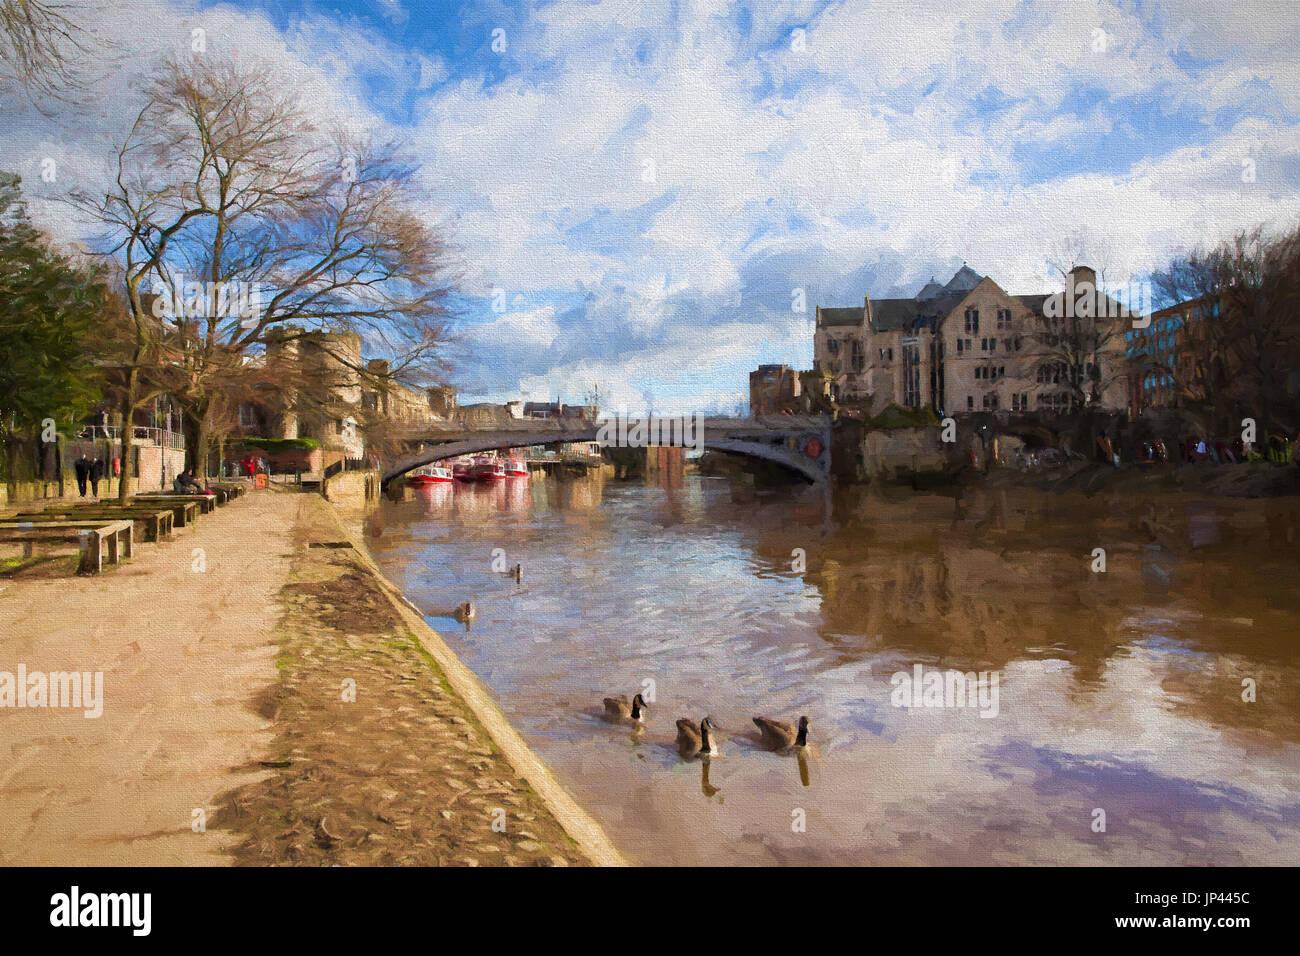 York, Inglaterra el Puente de Lendal en la histórica ciudad de Yorkshire en Station Road ilustración como la pintura al óleo Imagen De Stock